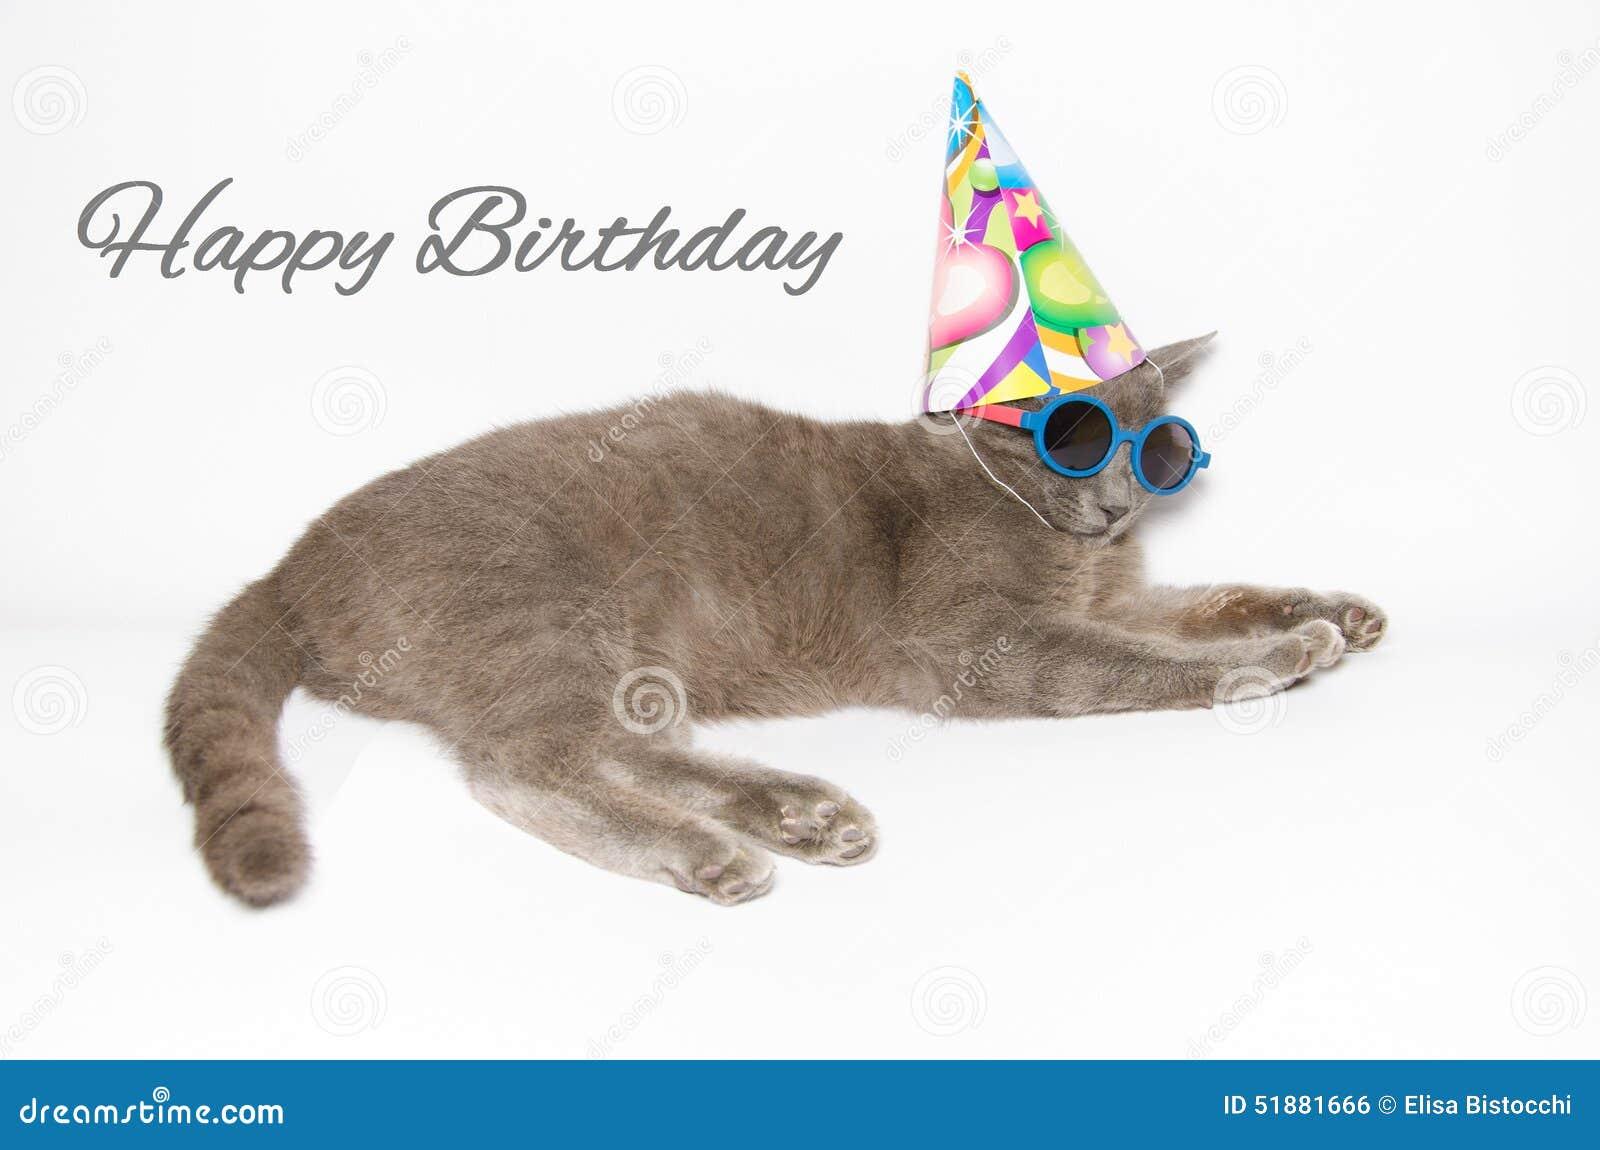 Wszystkiego najlepszego z okazji urodzin karta z śmiesznym kotem